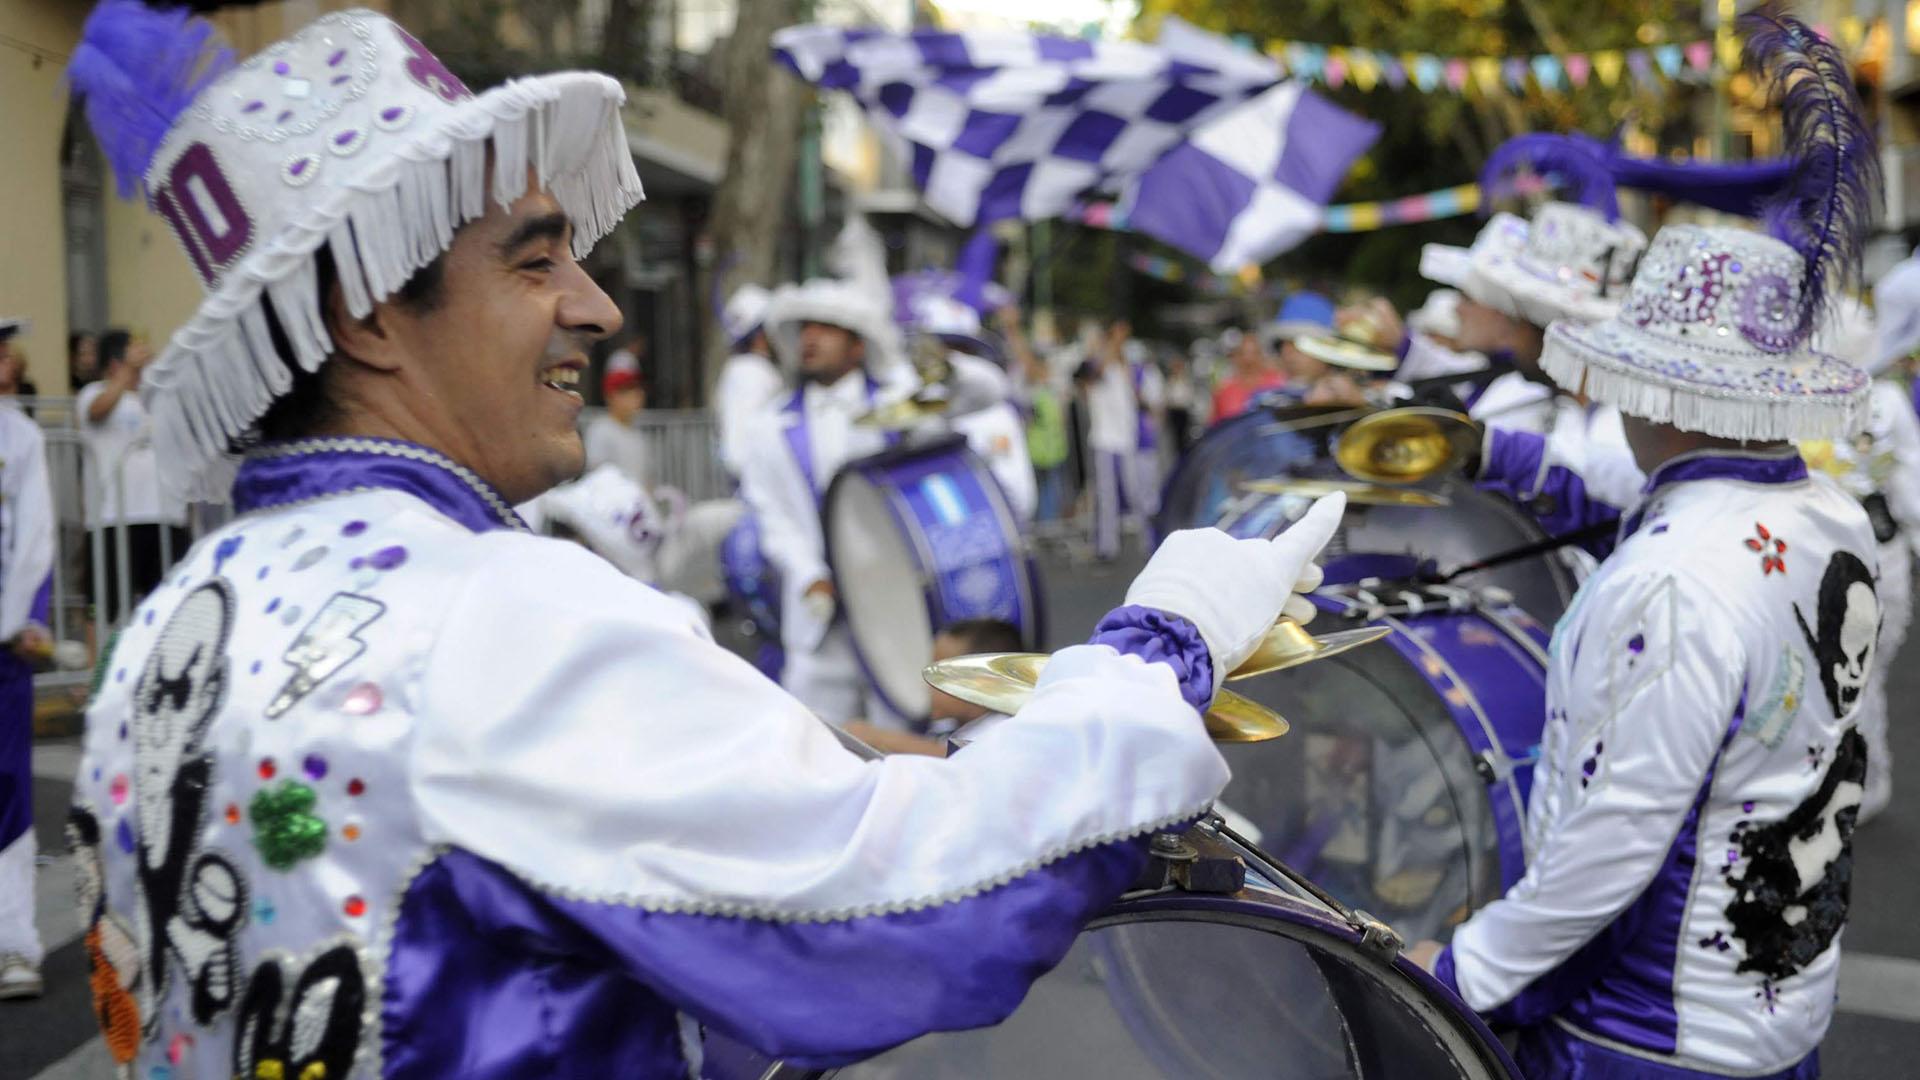 Después de un mes a puro corso, el carnaval porteño llega a su fin